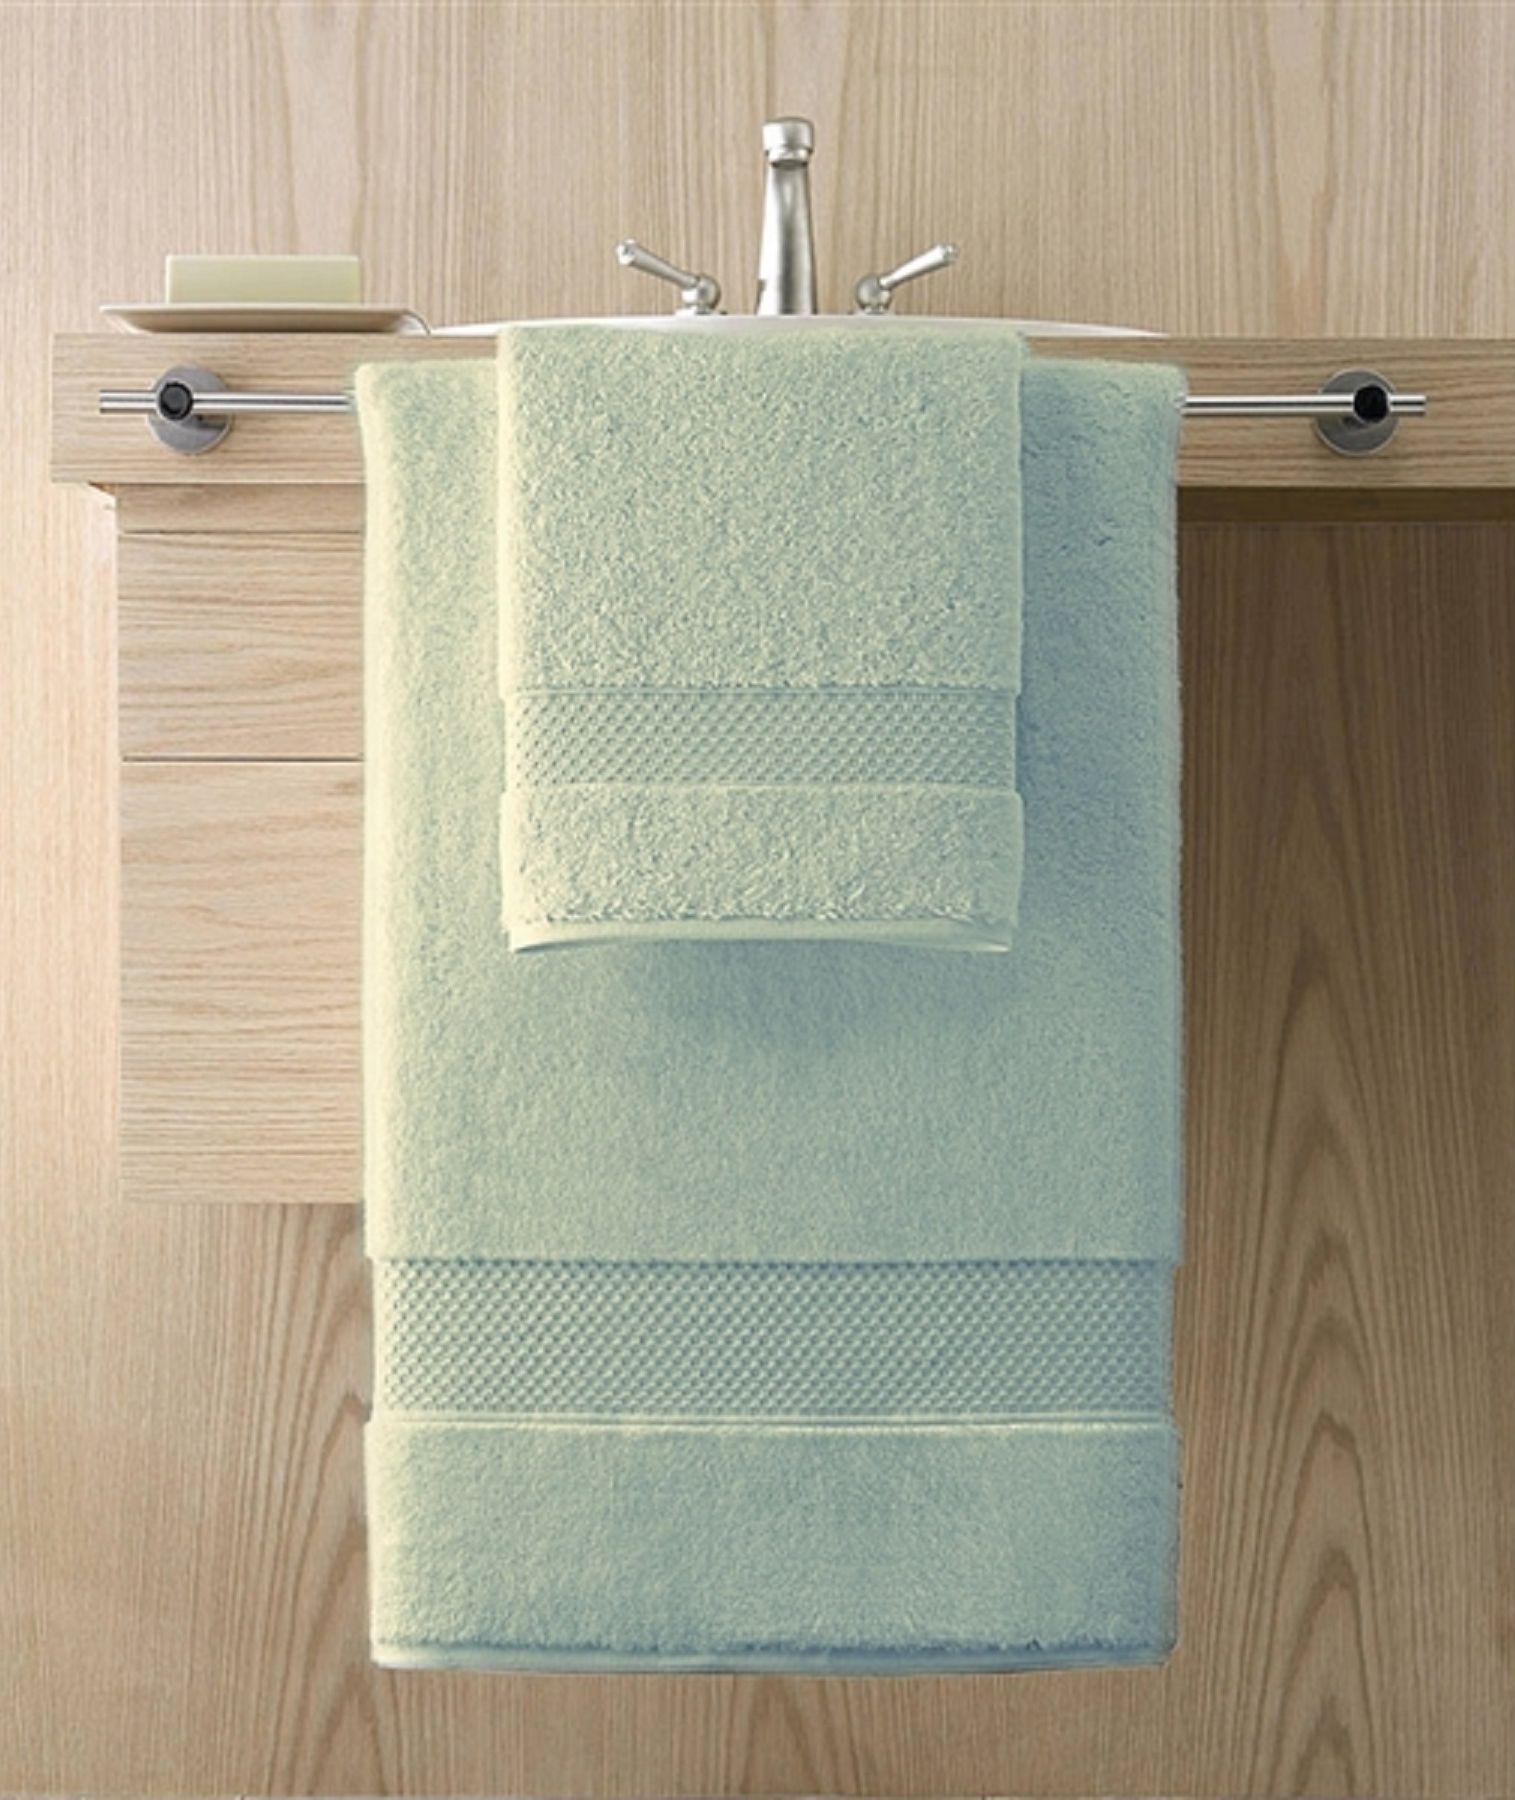 Коврики для ванной Банный коврик 51x86 Kassatex Elegance Seafoam elitnyy-bannyy-kovrik-elegance-seafoam-ot-kassatex-portugaliya.jpg